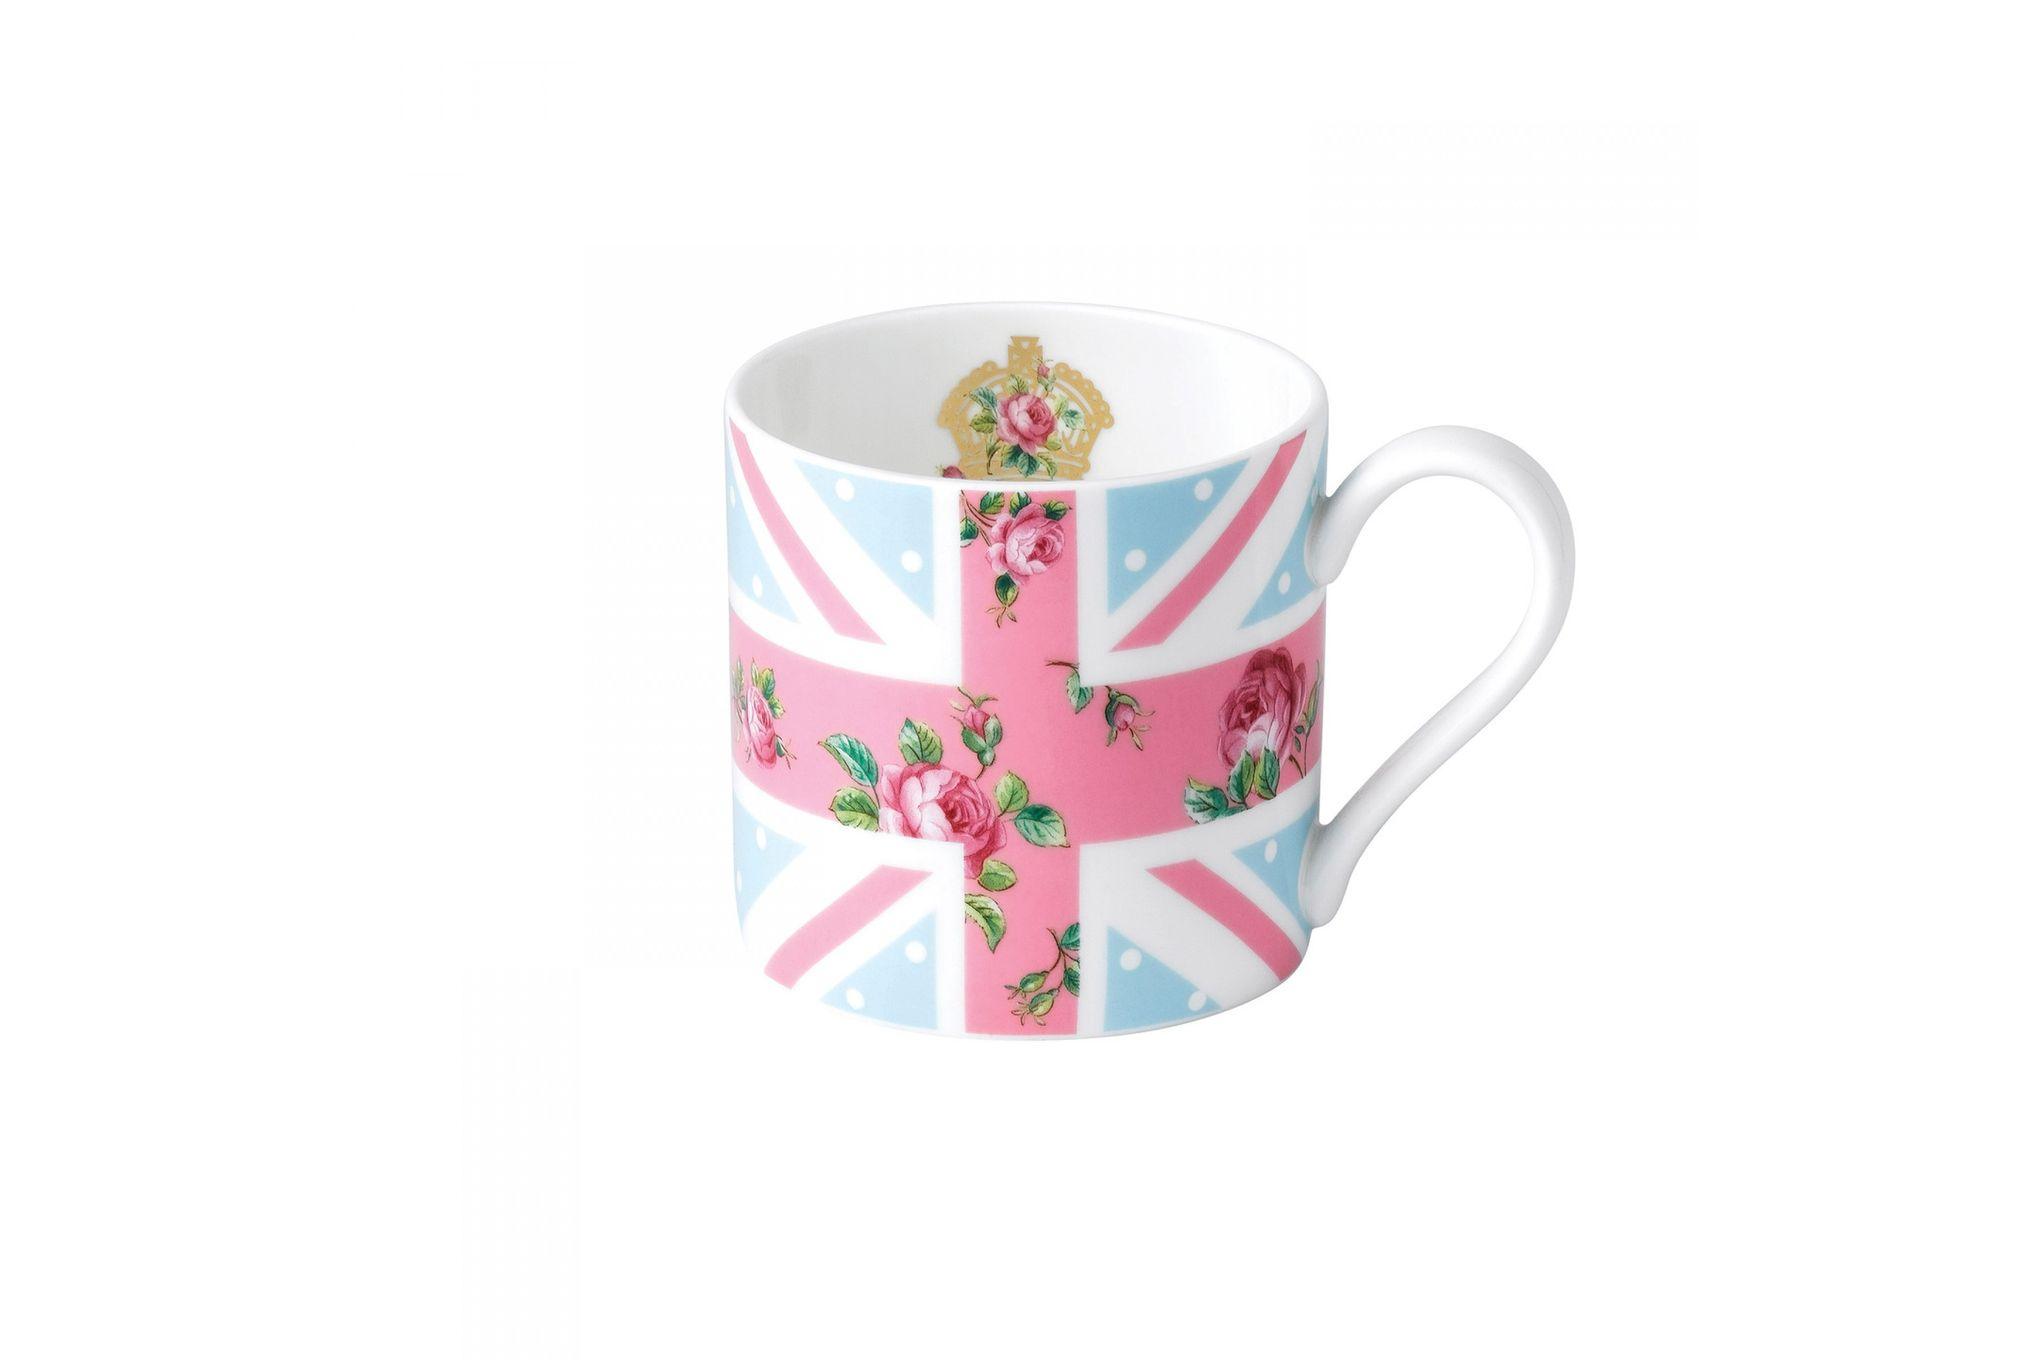 Royal Albert Cheeky Pink Mug Union Jack - Modern Mug thumb 1